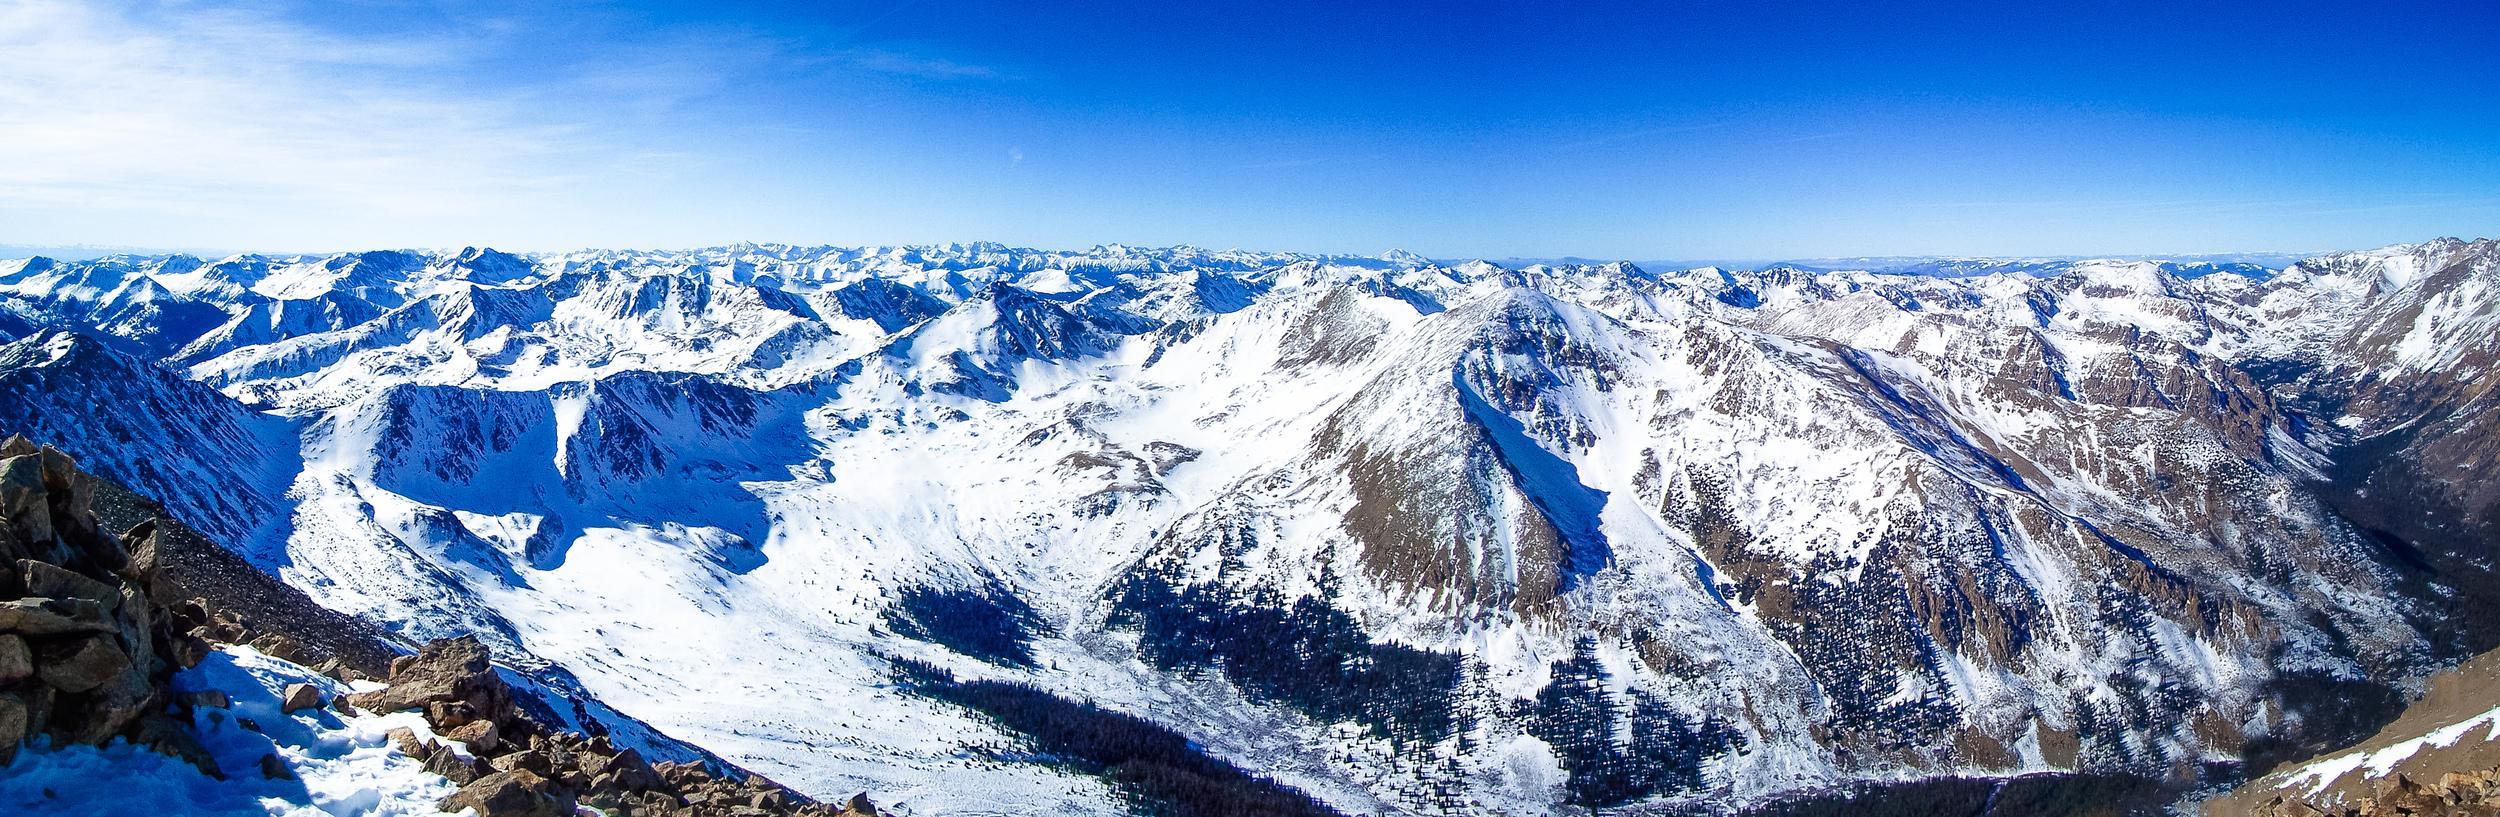 Rockies pan.jpg